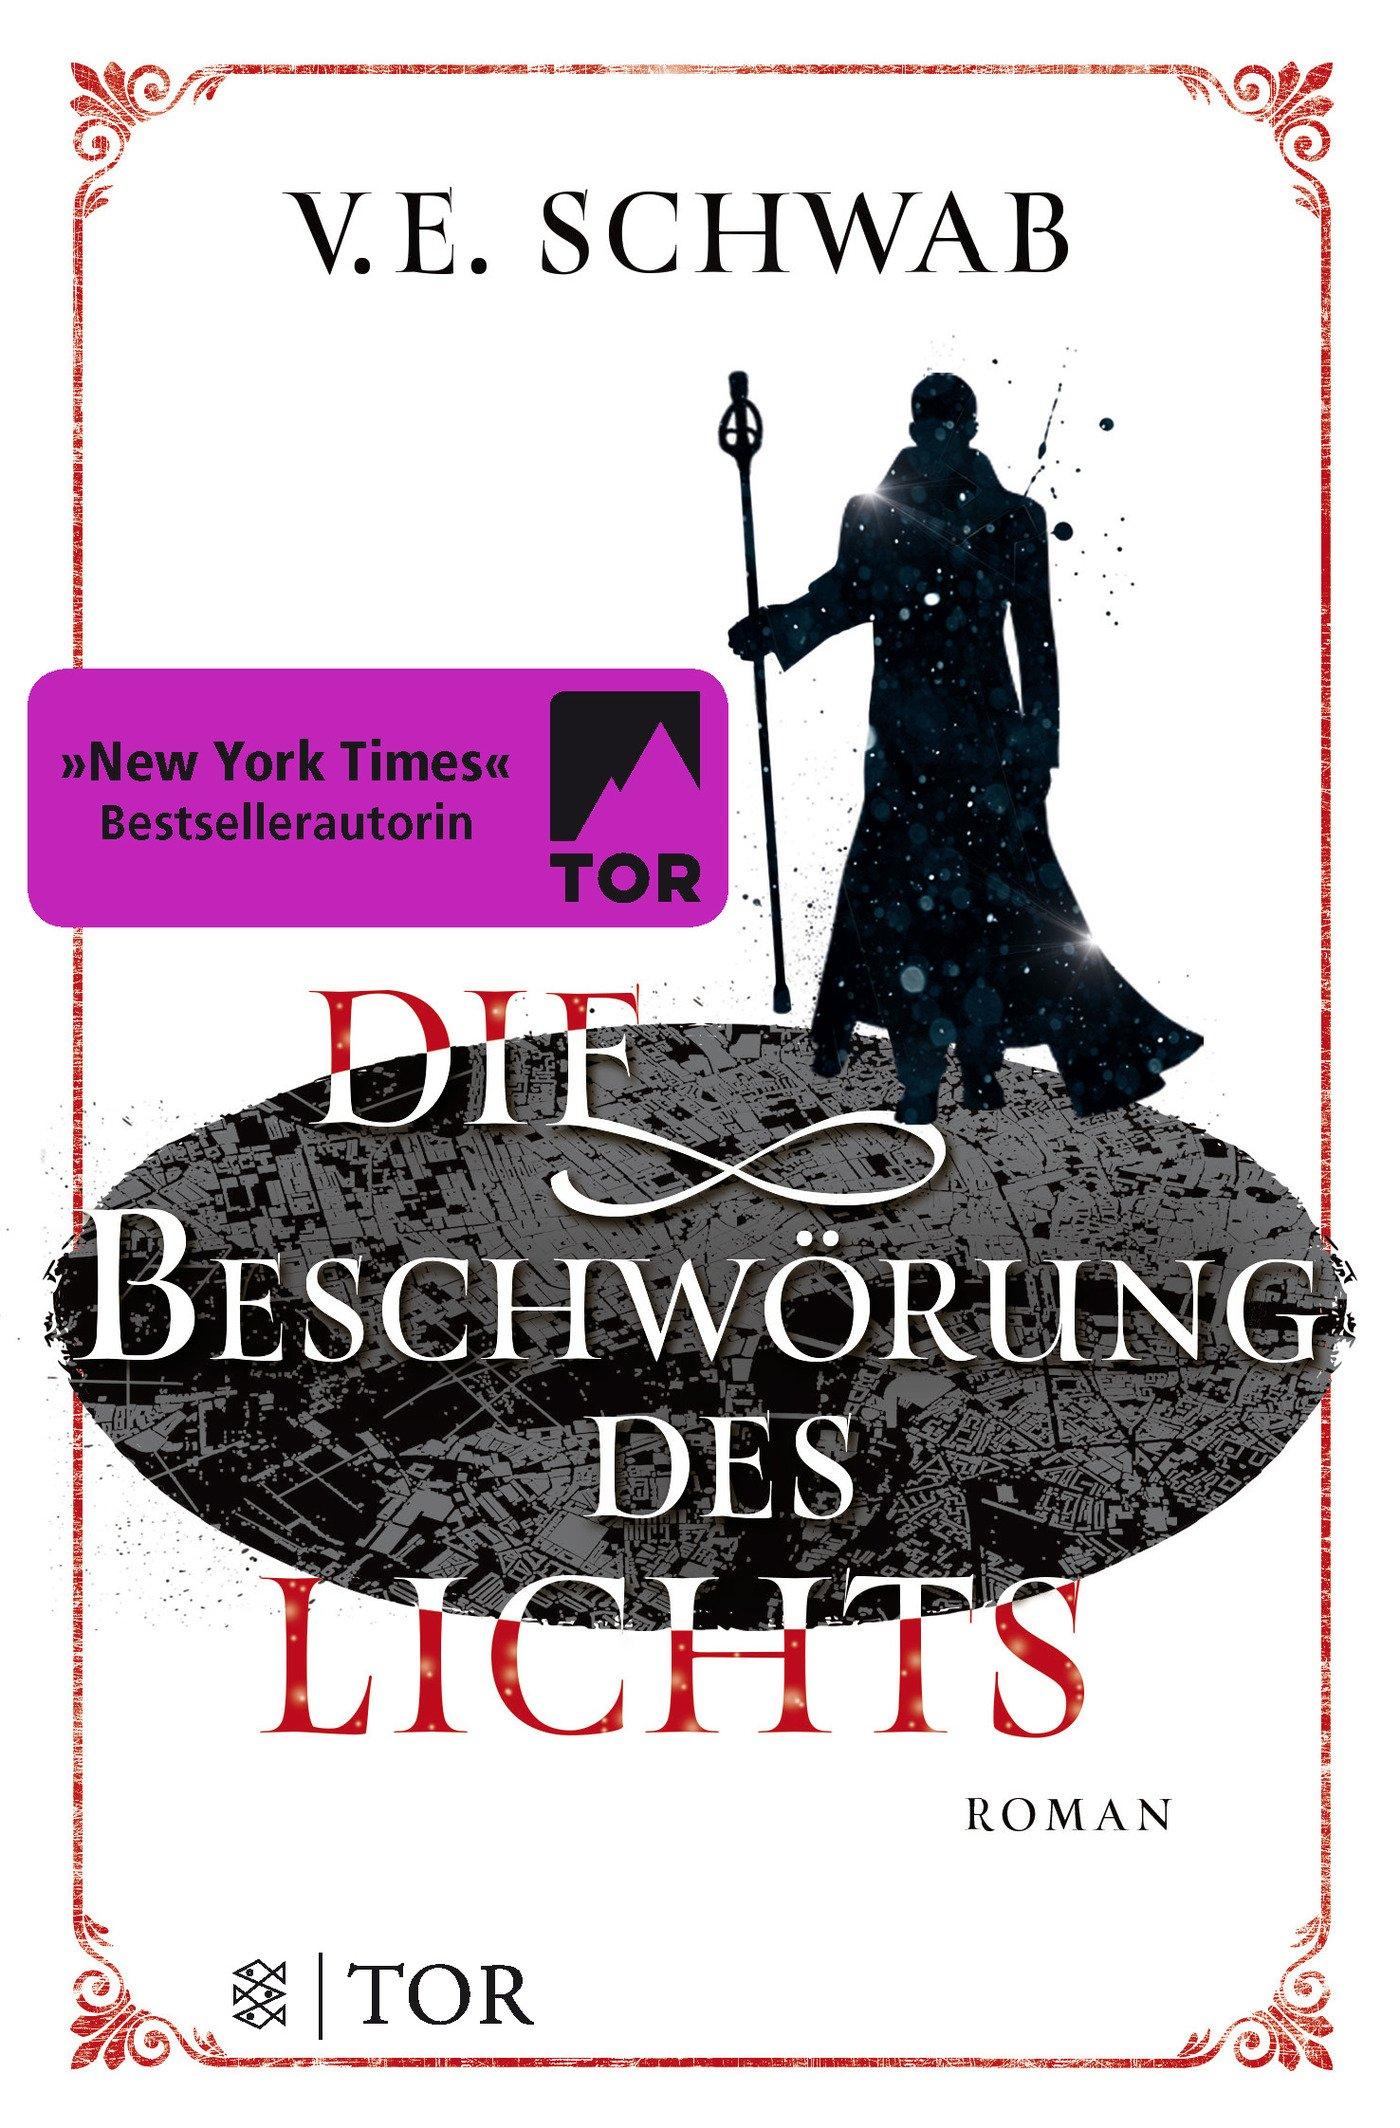 Bildergebnis für Die Beschwörung des Lichts: Roman (Weltenwanderer)